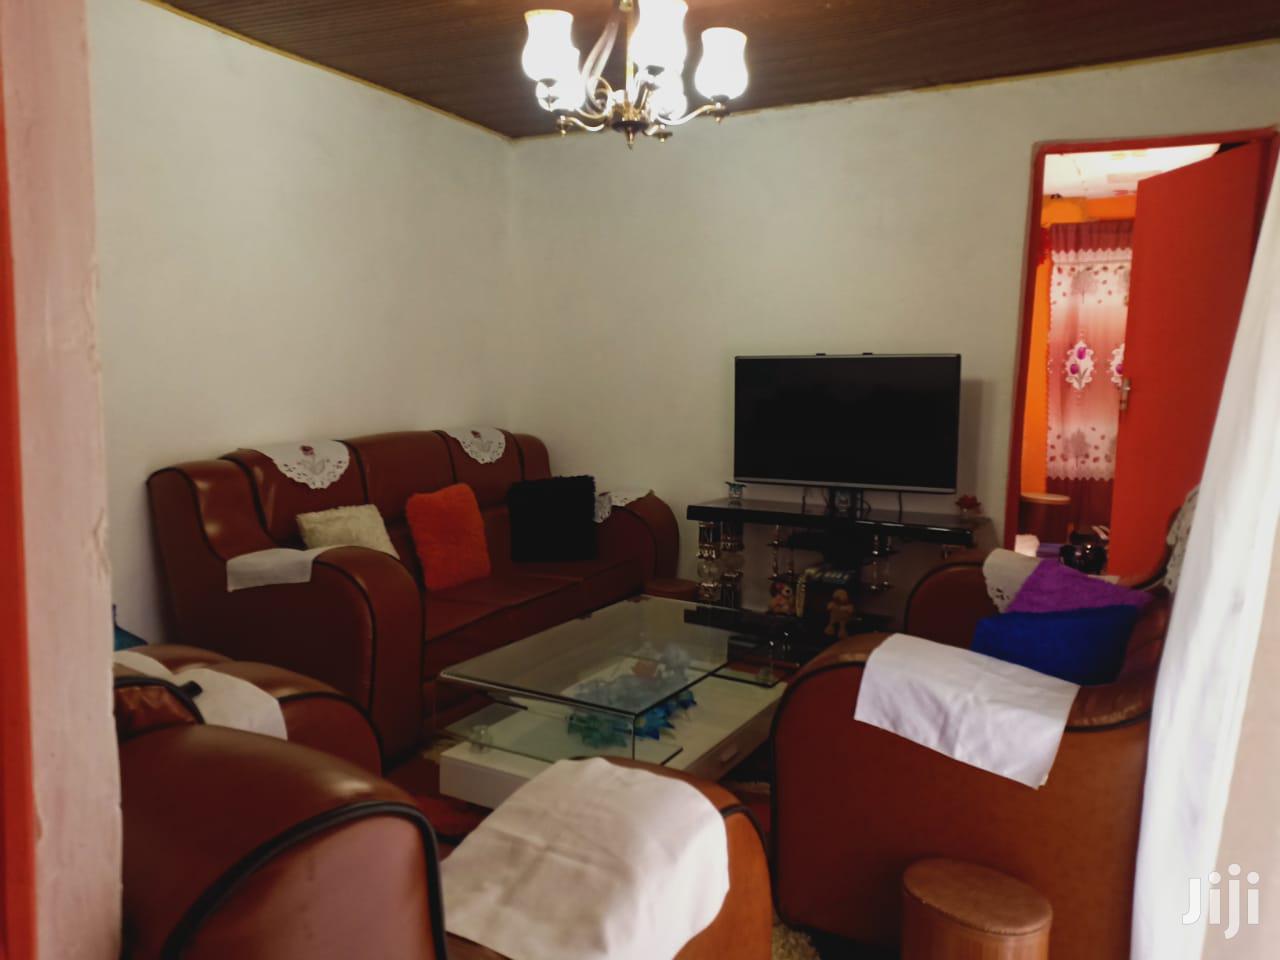 2 Bedroom House On Sale In Maili Tisa Bahati In Nakuru | Houses & Apartments For Sale for sale in Nakuru Town East, Nakuru, Kenya